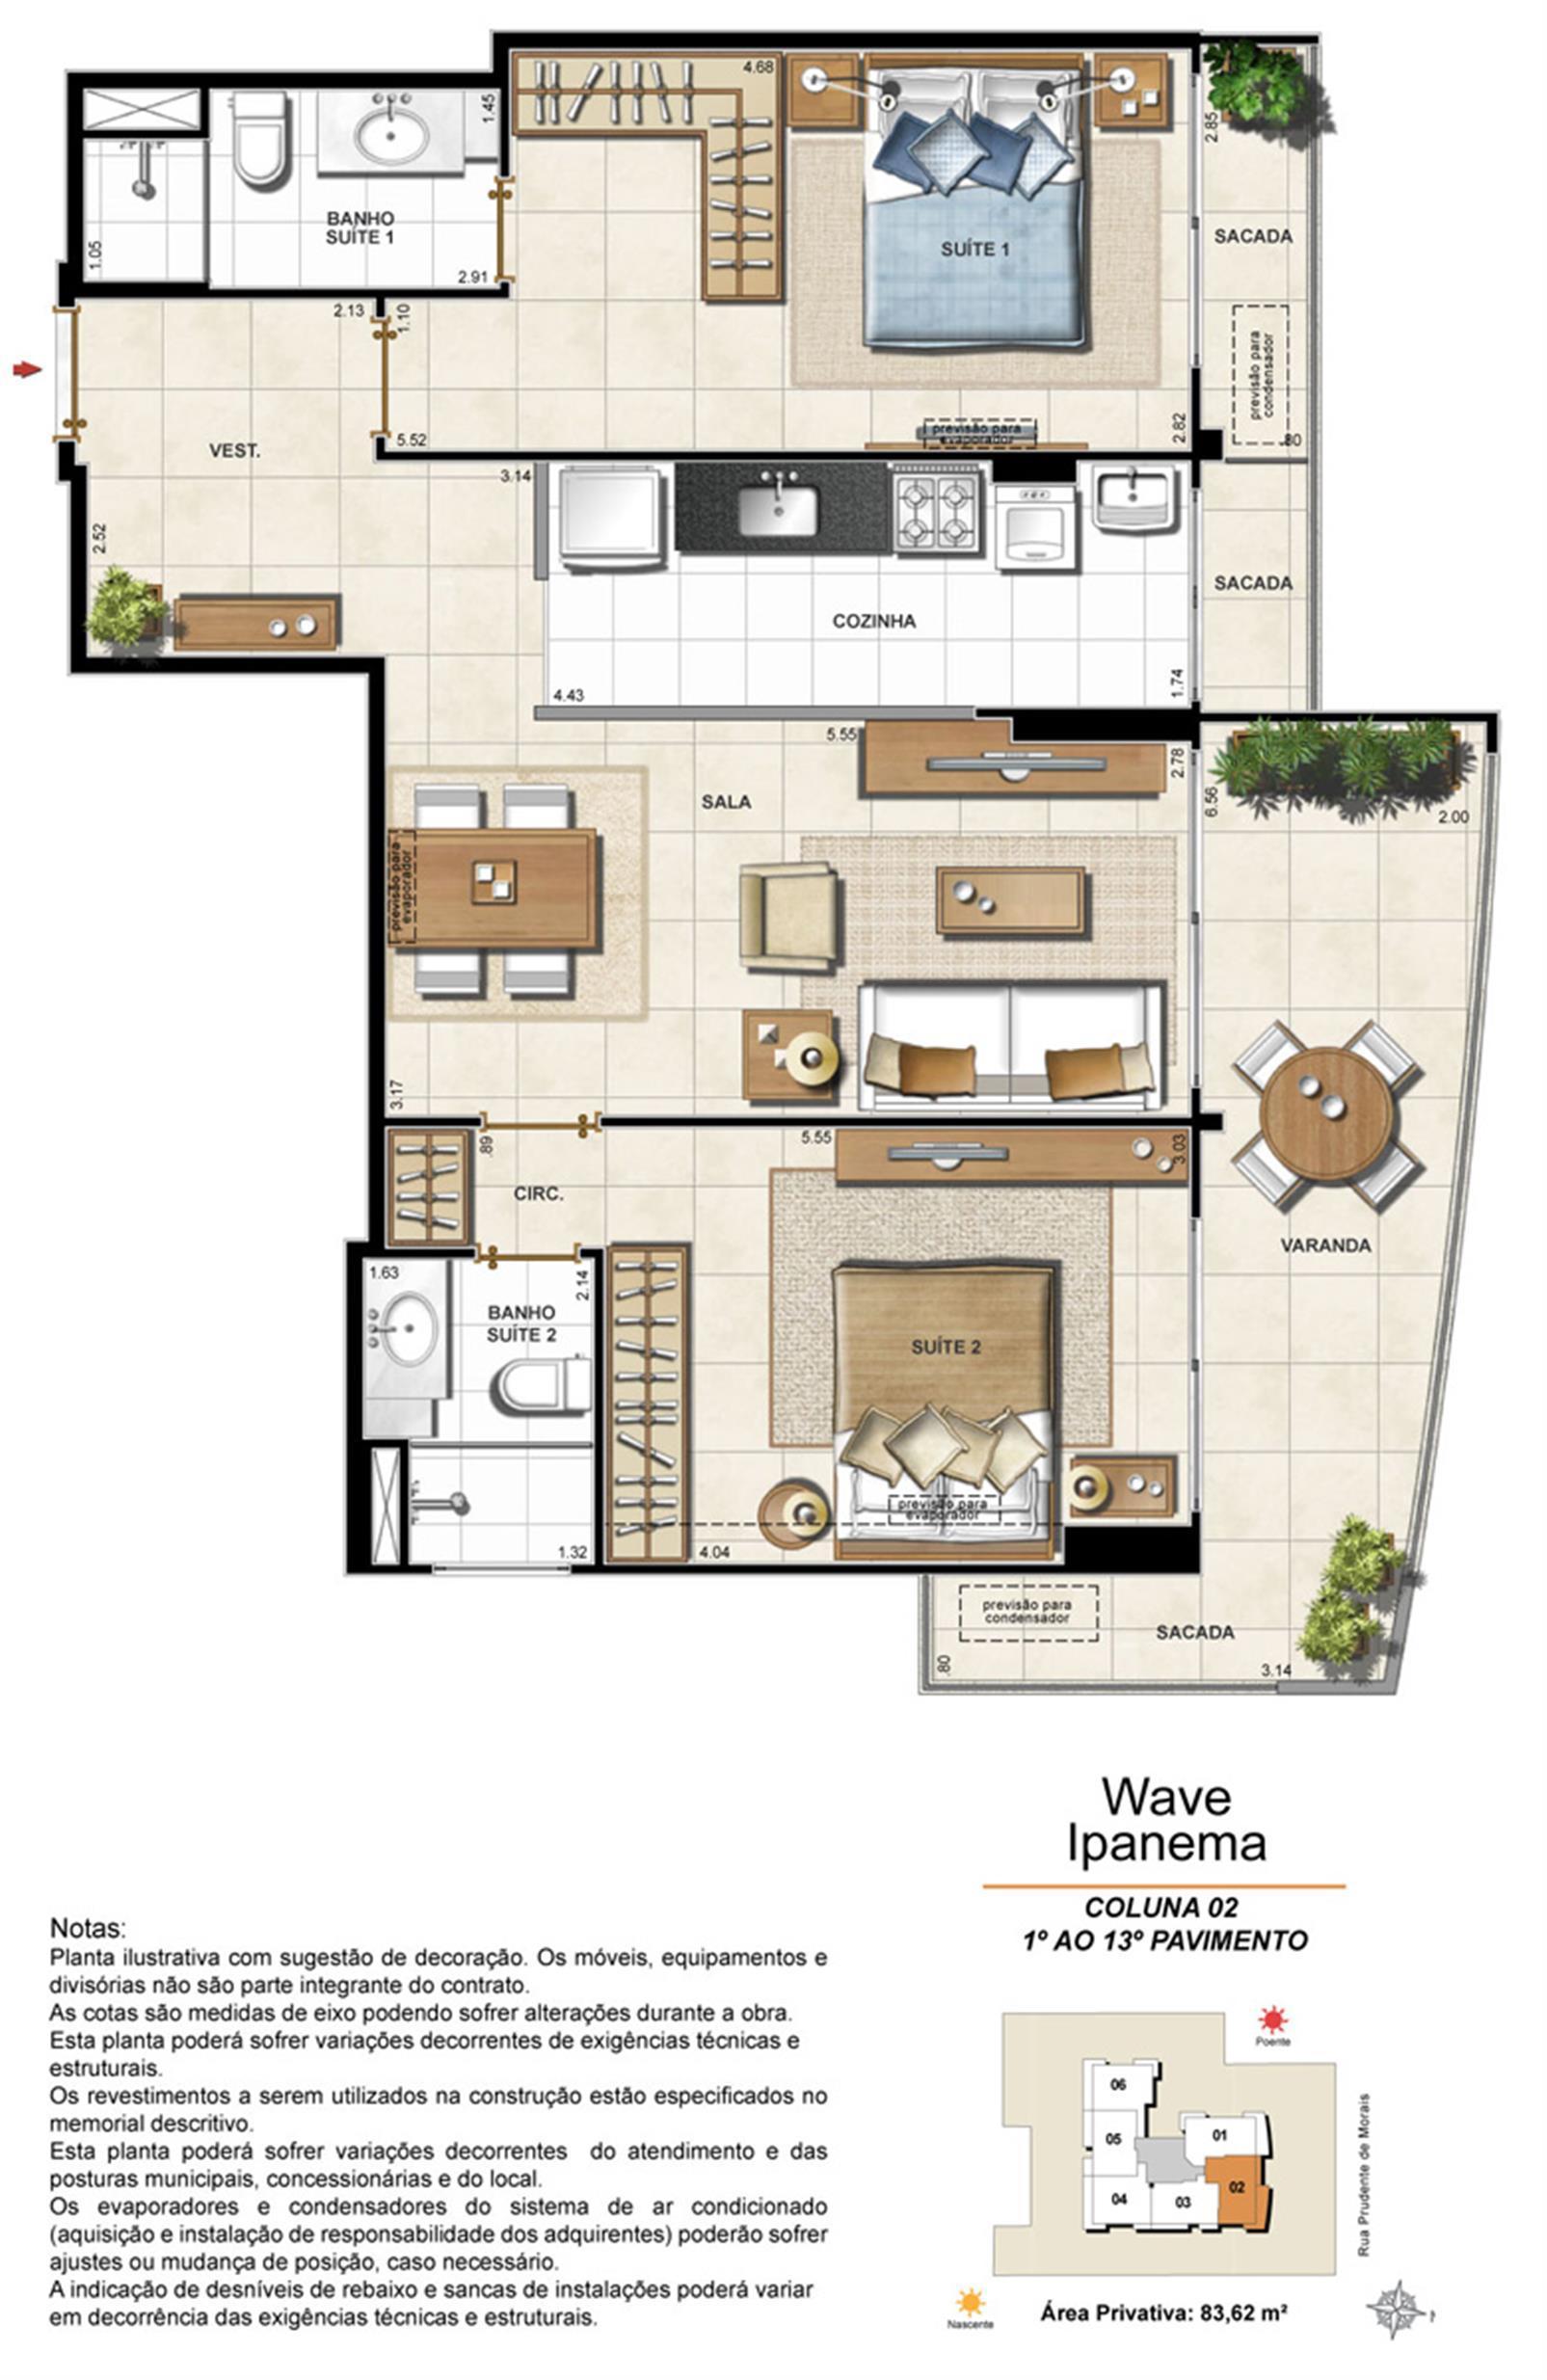 Apartamento Tipo Coluna 02 - 1º ao 13º Pavimento | Wave Ipanema – Apartamentoem  Ipanema - Rio de Janeiro - Rio de Janeiro